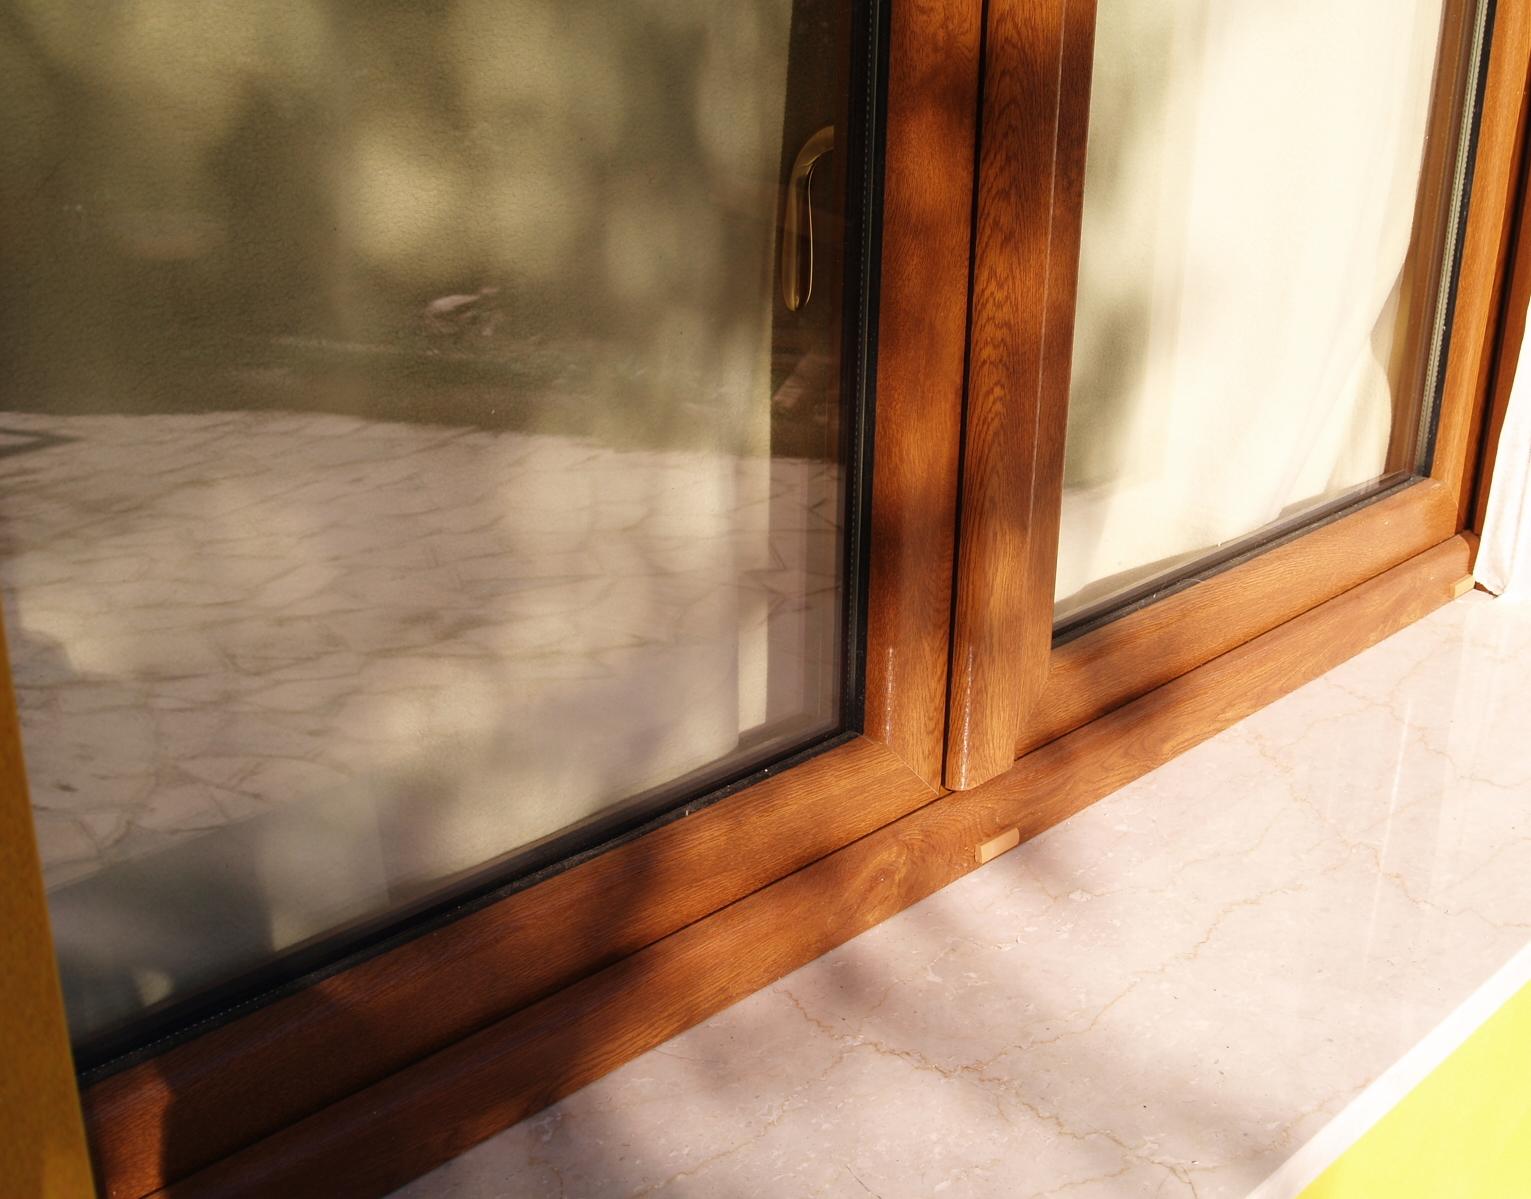 V8 trading serramenti in pvc rivestito effetto legno for Serramenti pvc legno